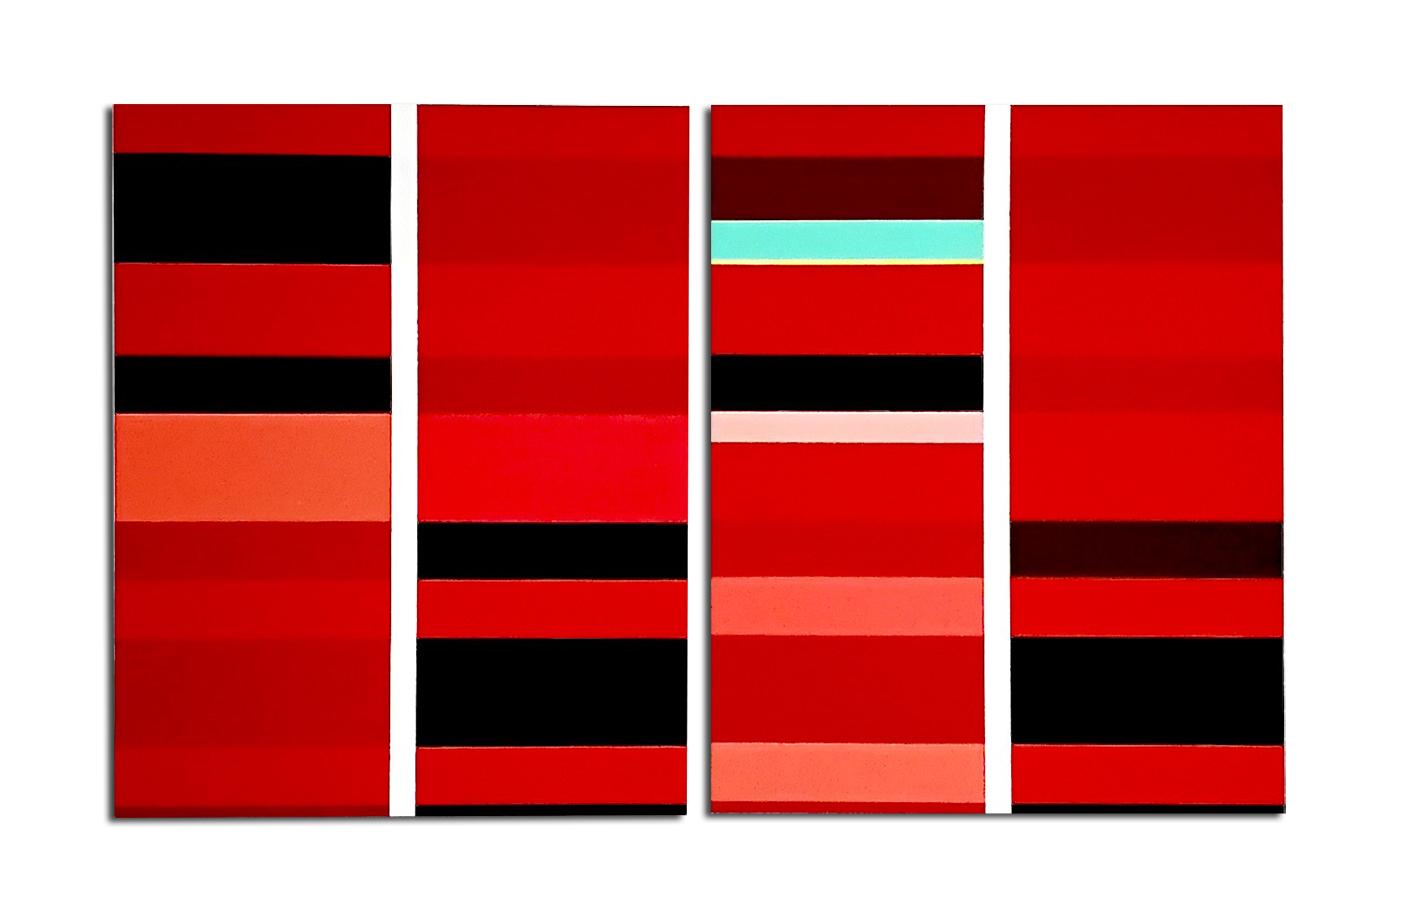 - Acrylique sur toile dyptique - 90 x 150 x 4 cm